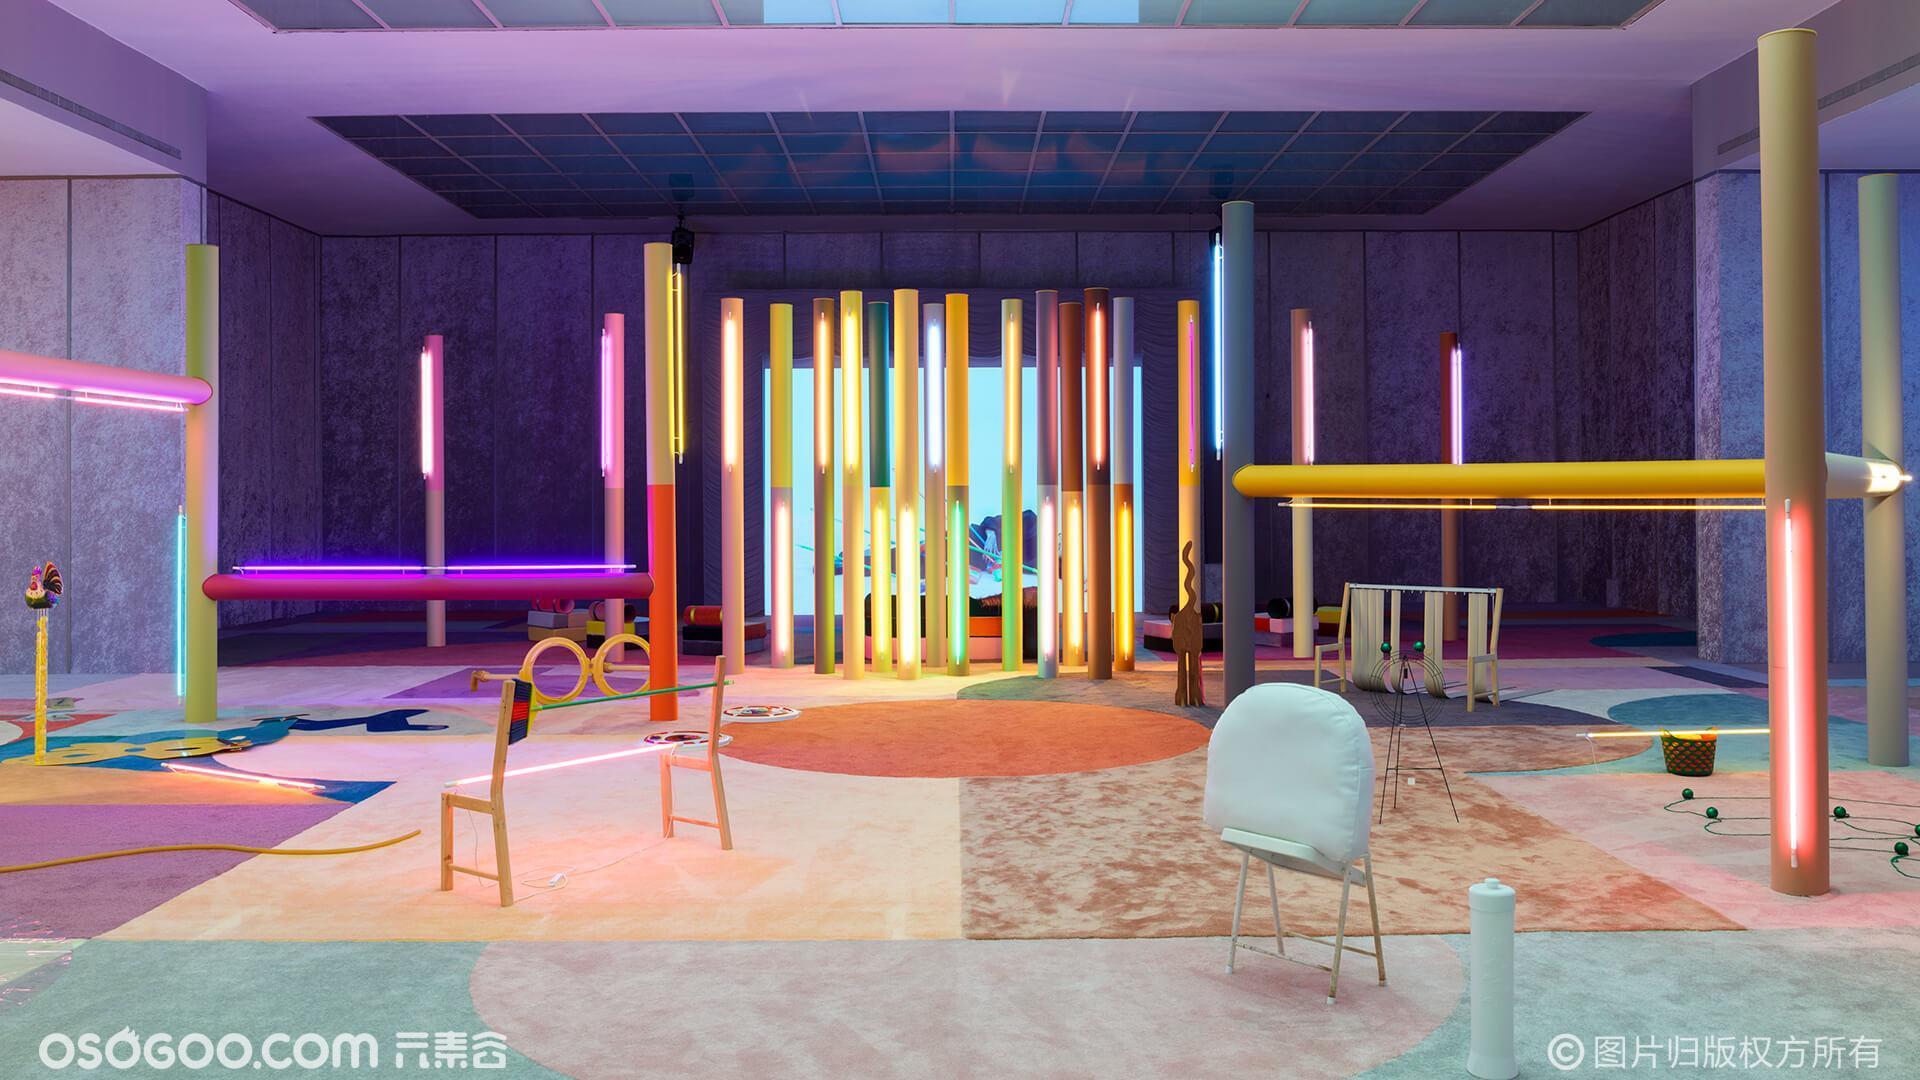 寻找霓虹灯的灵感吗?该节目从地板到天花板使用鲜艳的色调